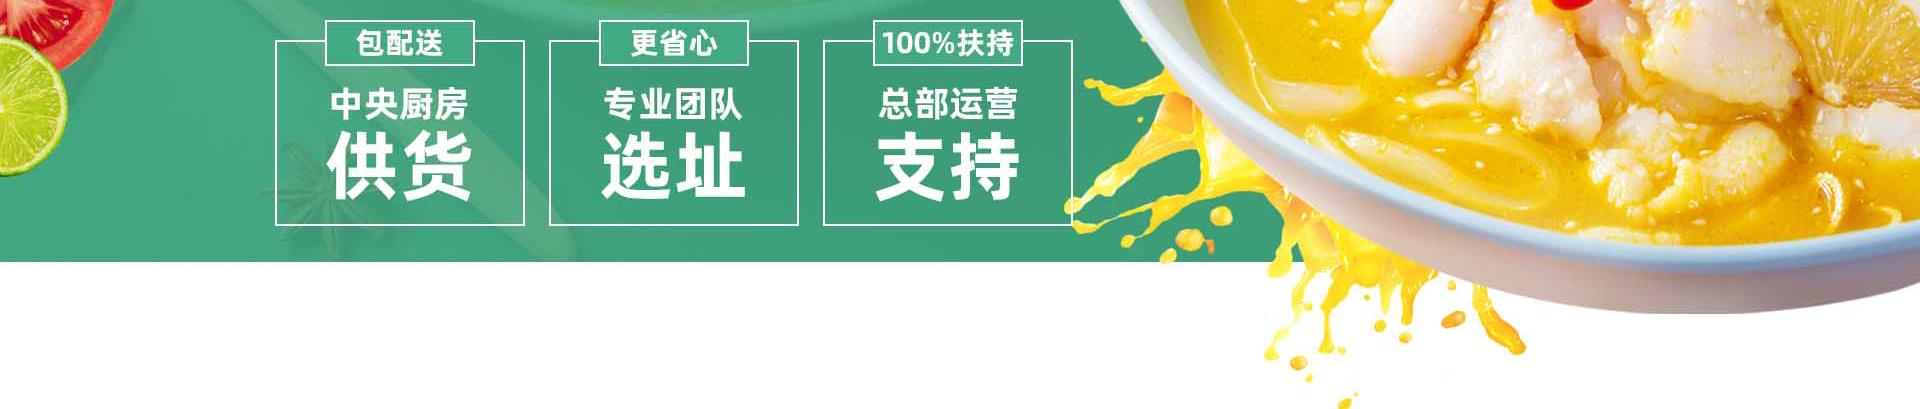 酸小七果味酸汤鱼新版详情页_03